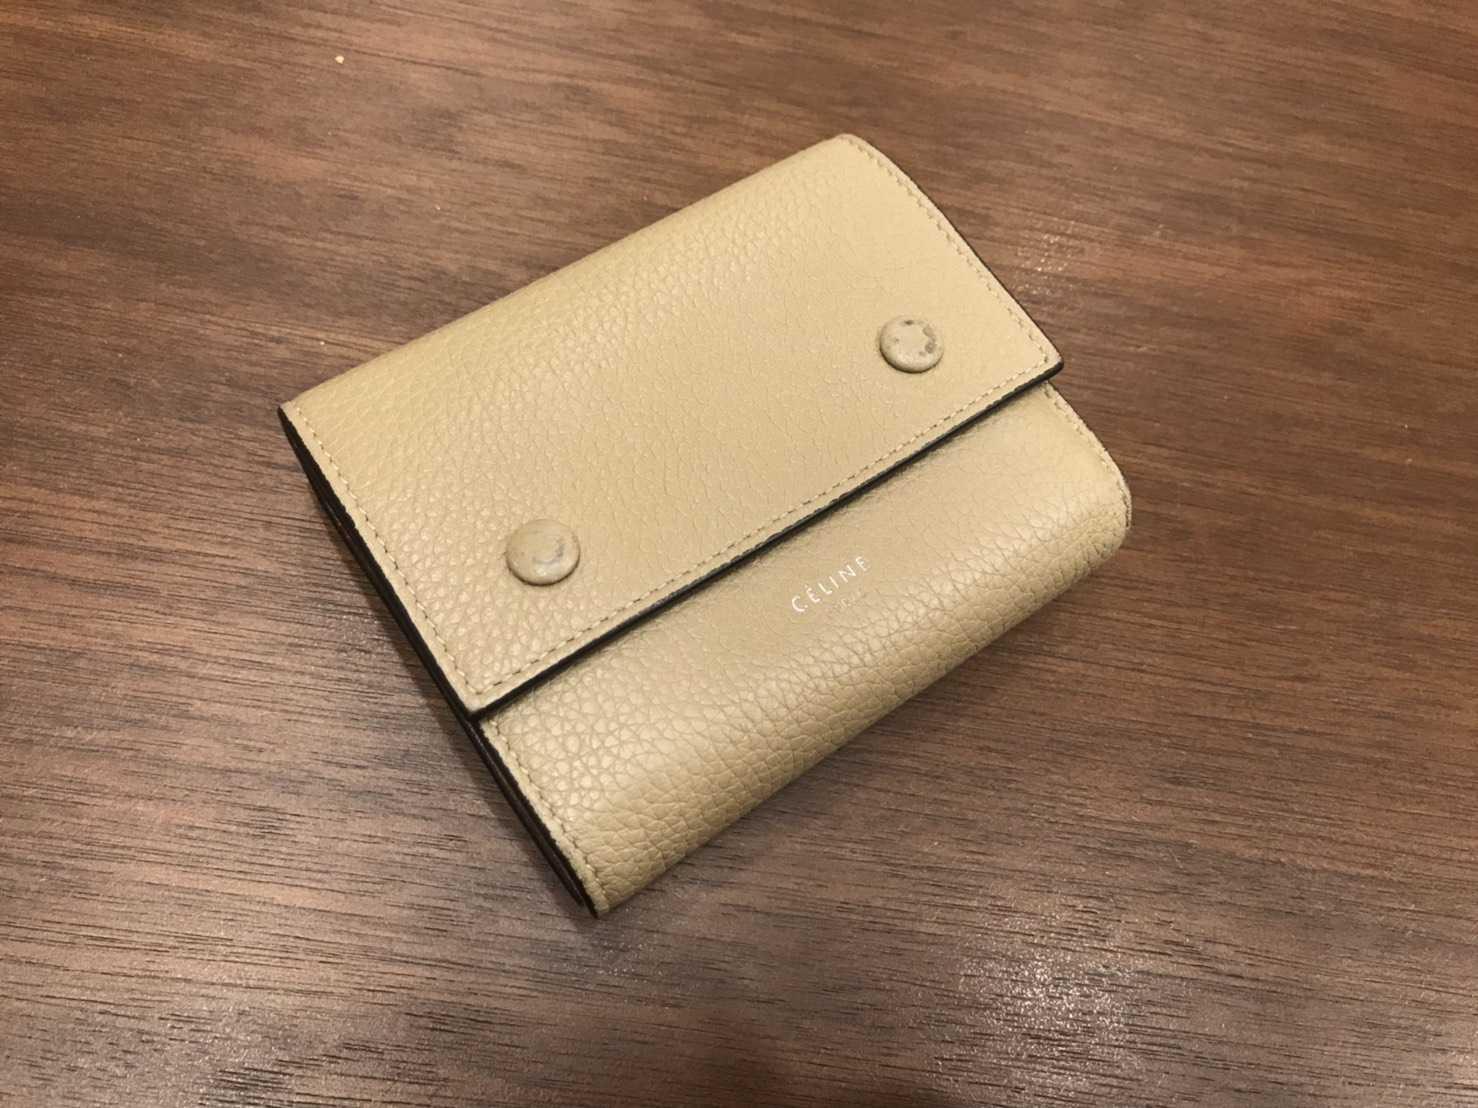 セリーヌ買取 3つ折り財布